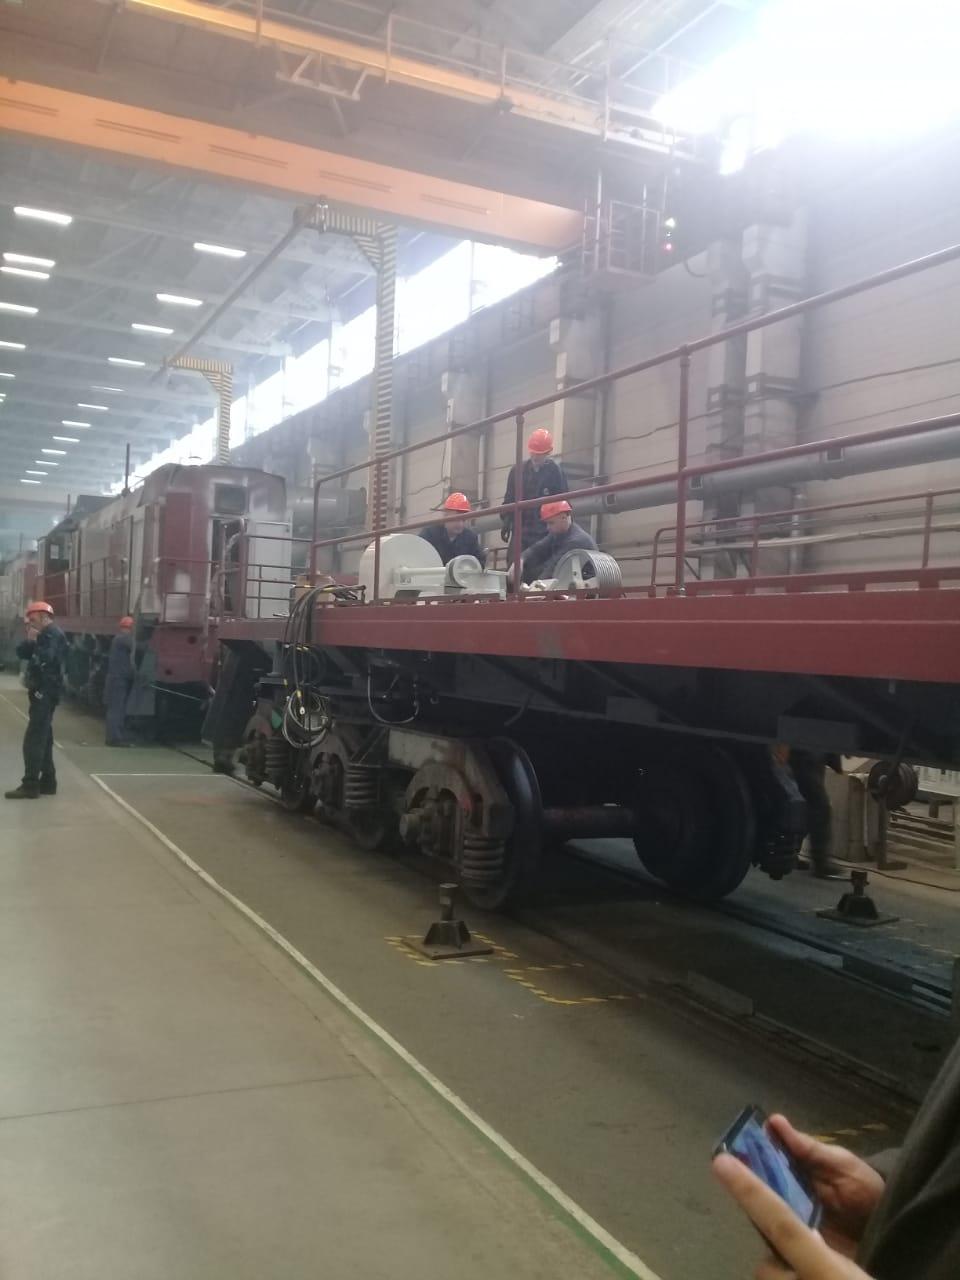 جولة لليوم السابع بمصنع جرارات السكة الحديد الروسى (27)